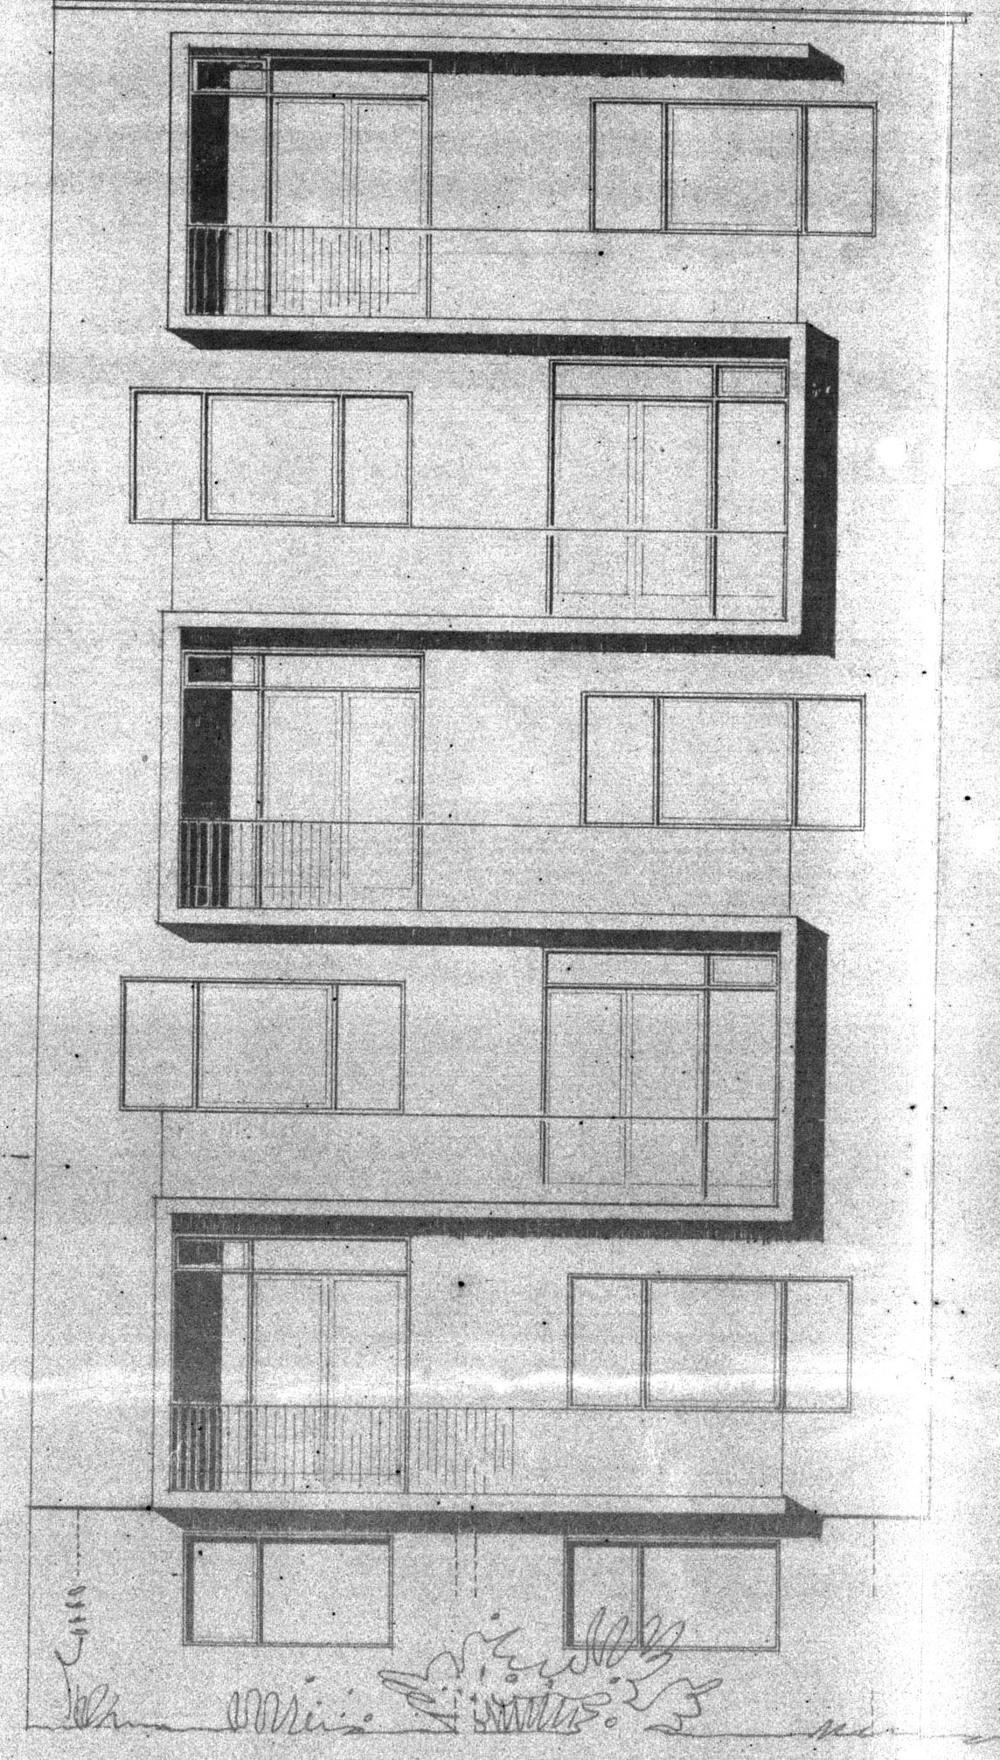 Resim 5: Yapının arka görünüşü